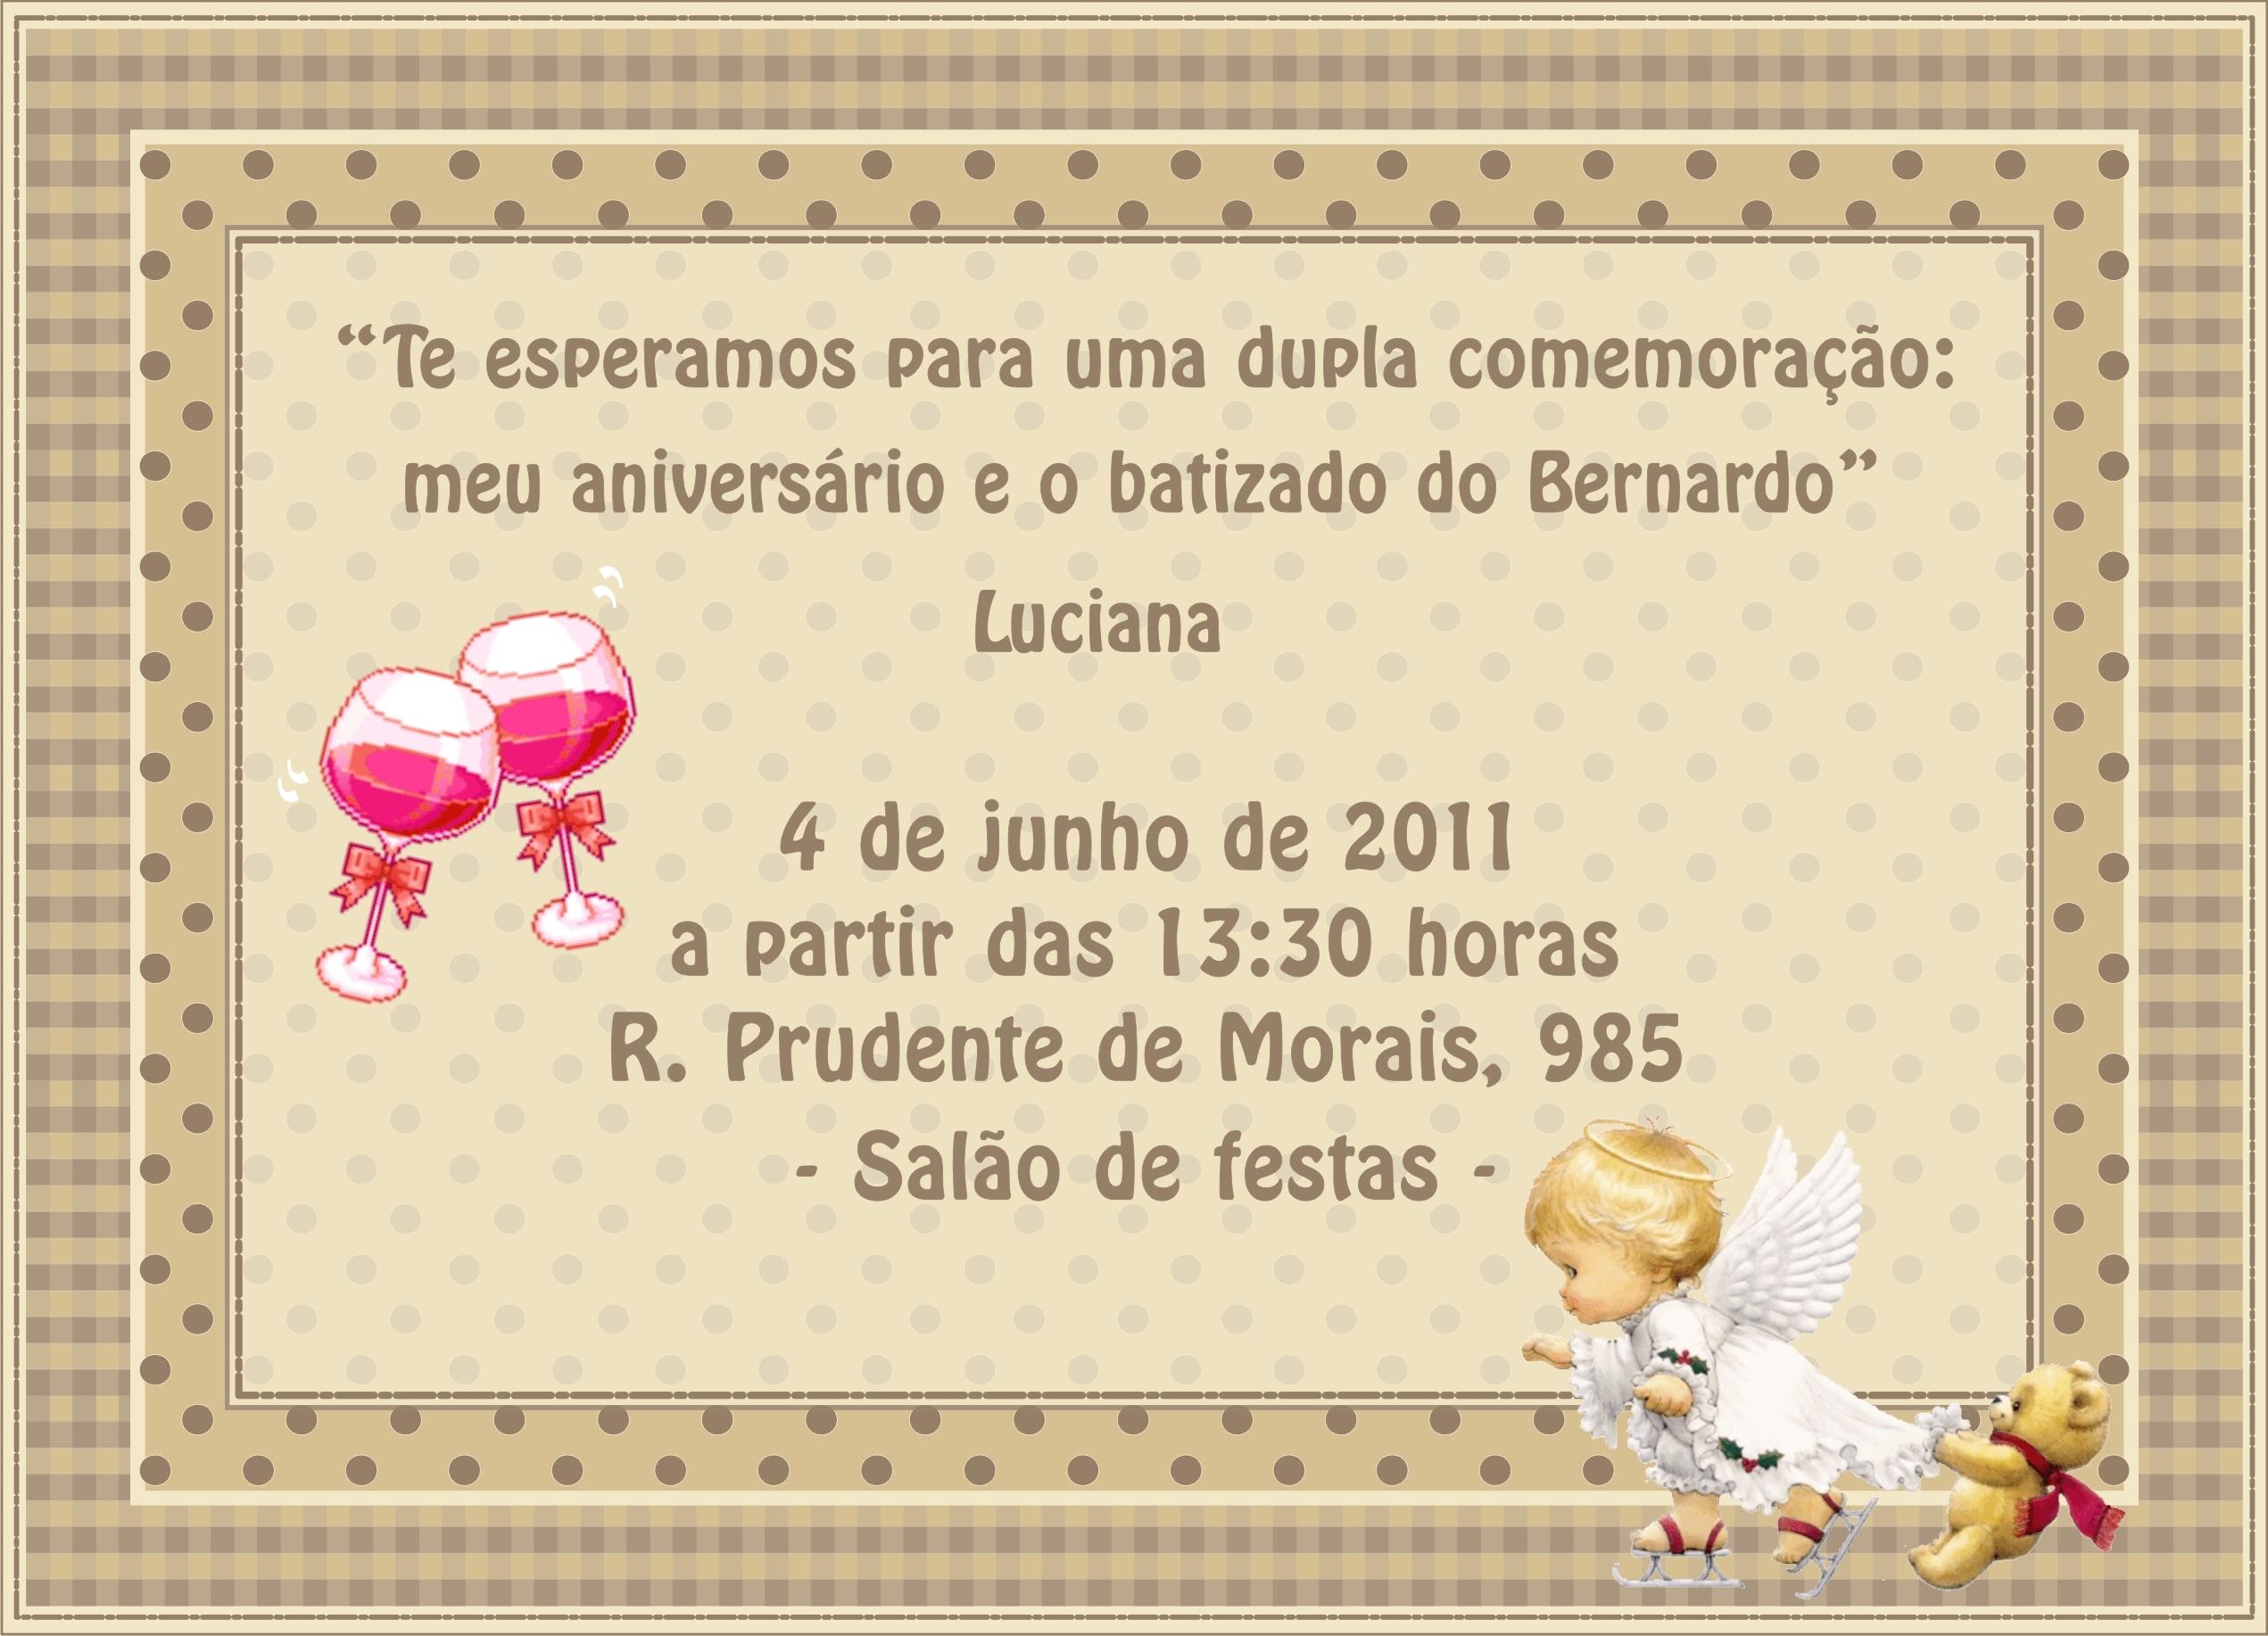 Convite de Aniversario 50 Anos Feminino Convite 50 Anos | Elo7